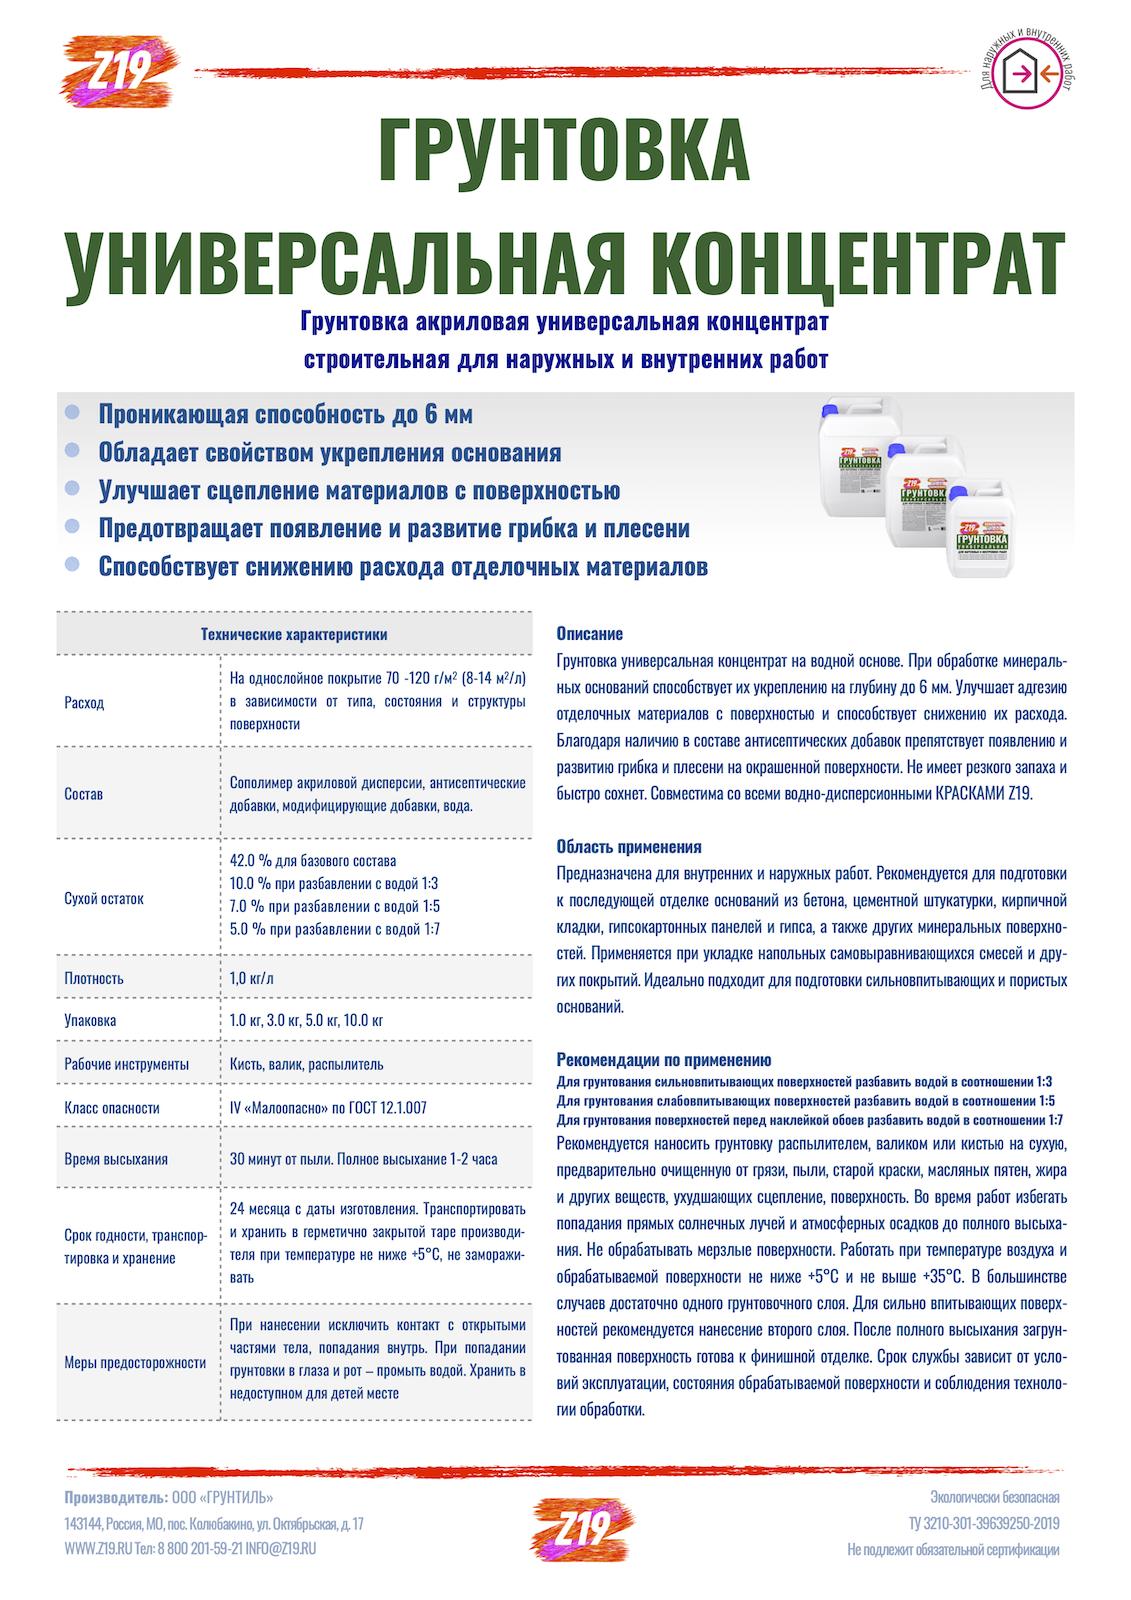 Грунтовка Z19 УНИВЕРСАЛЬНАЯ КОНЦЕНТРАТ 5.0 кг для наружных и внутренних работ